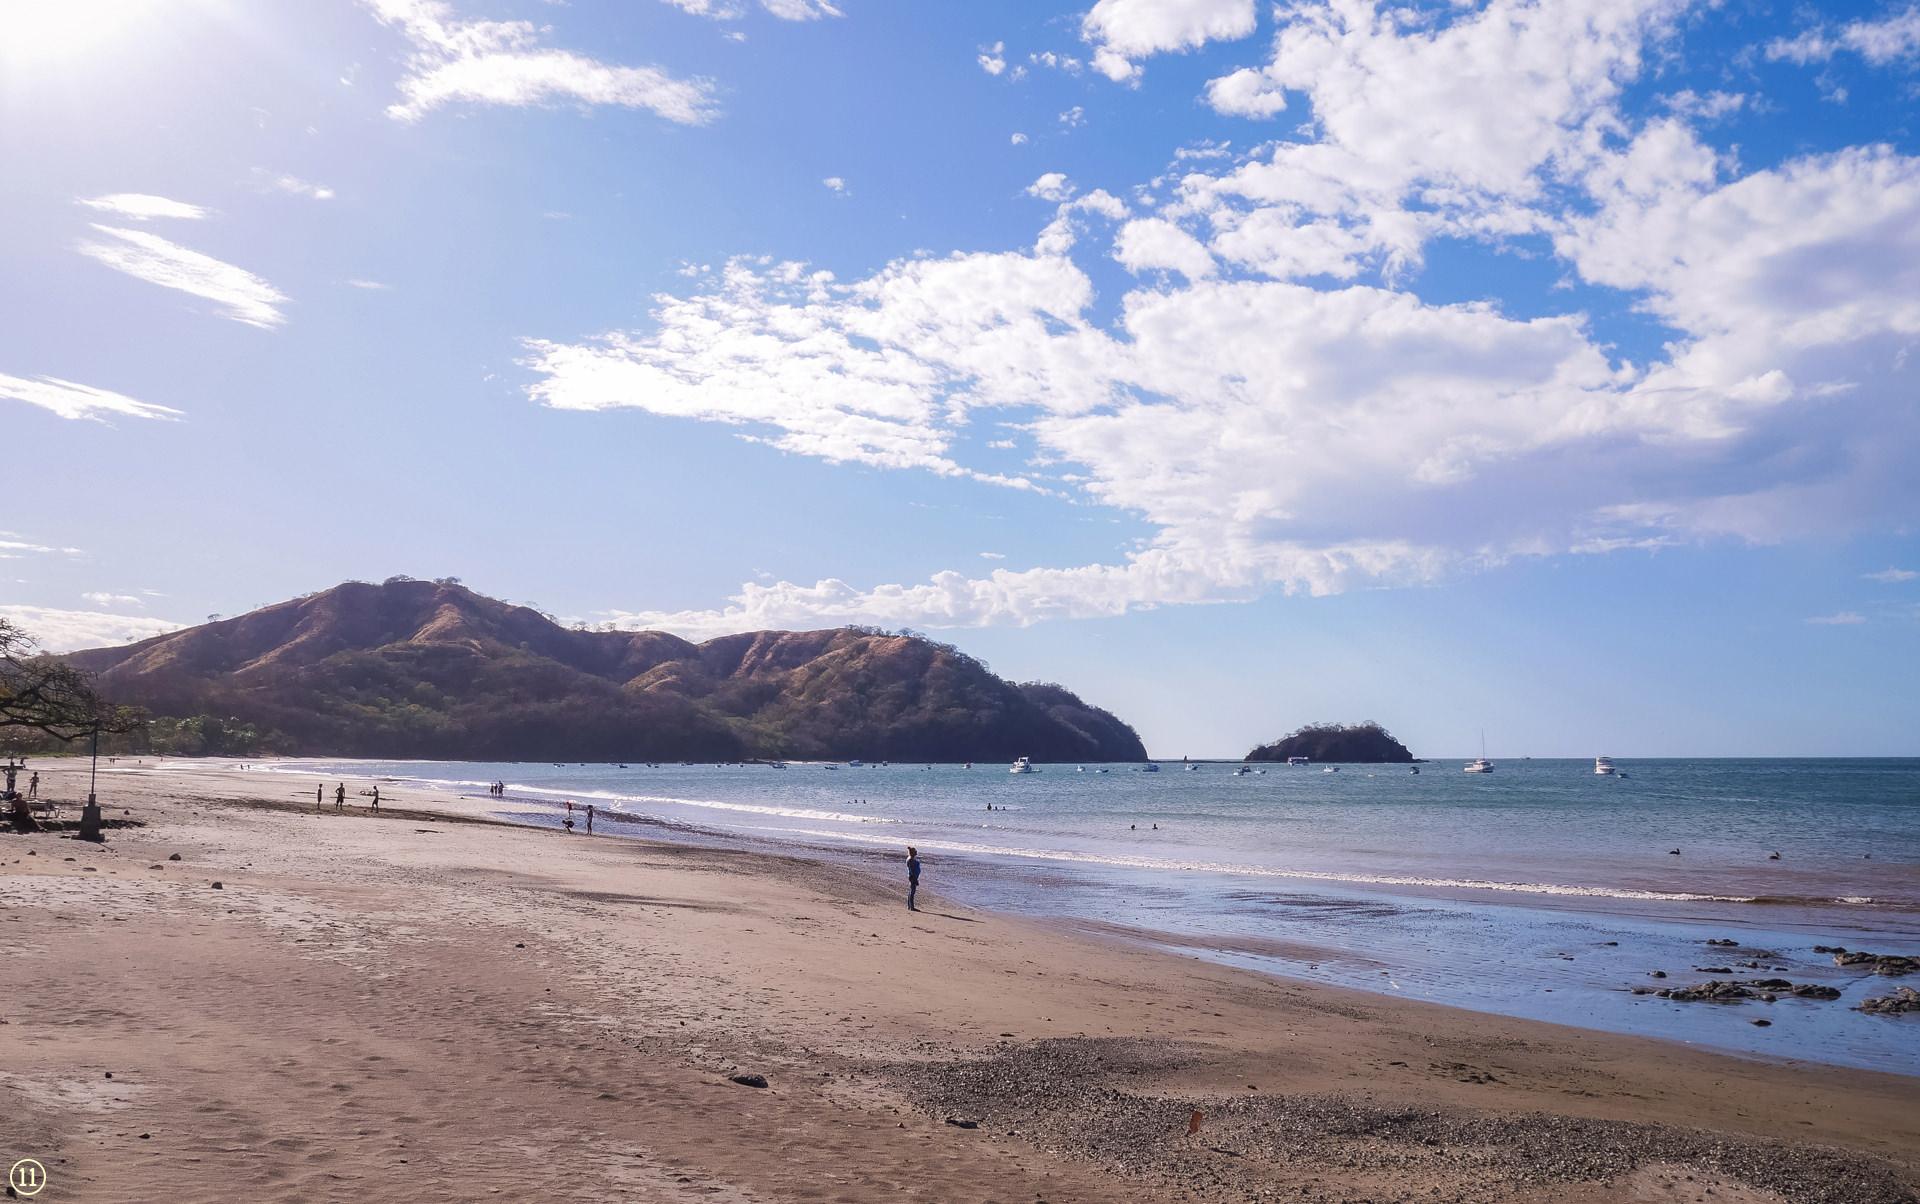 playas del coco beach guanacaste costa rica